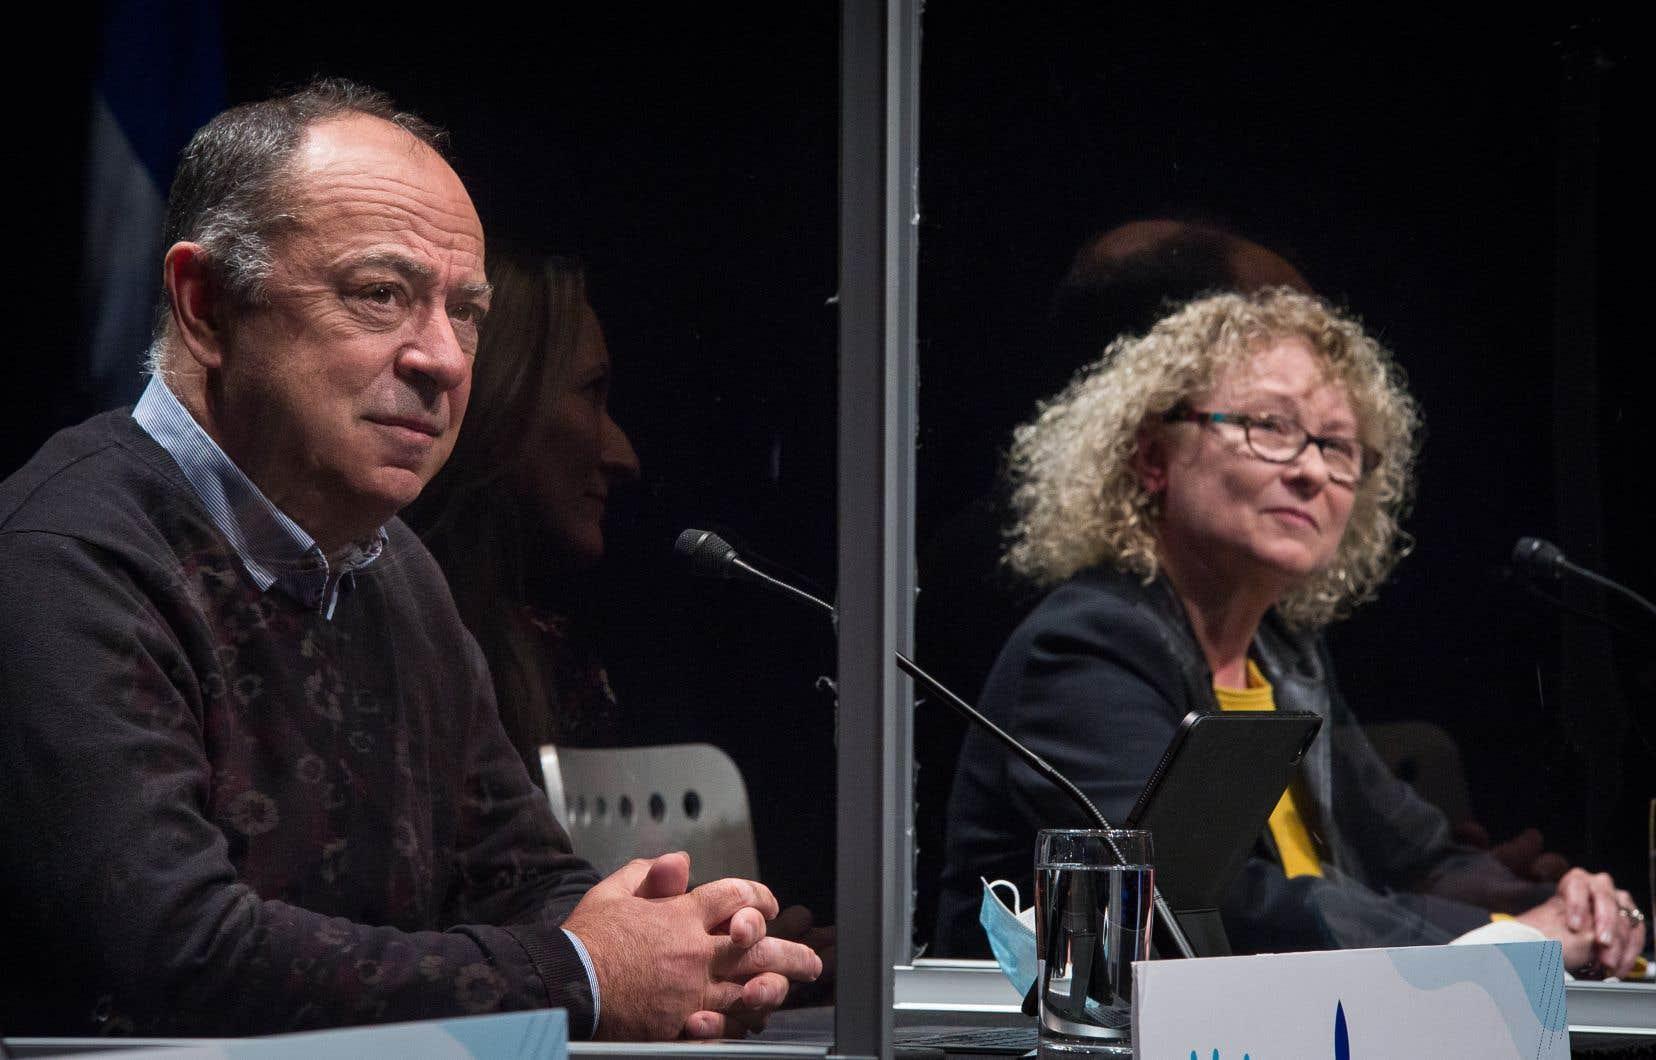 Le ministre de la Santé et des Services sociaux, Christian Dubé, aux côtés de la ministre responsable des Aînés, Marguerite Blais, lors d'une conférence de presse dimanche à Montréal